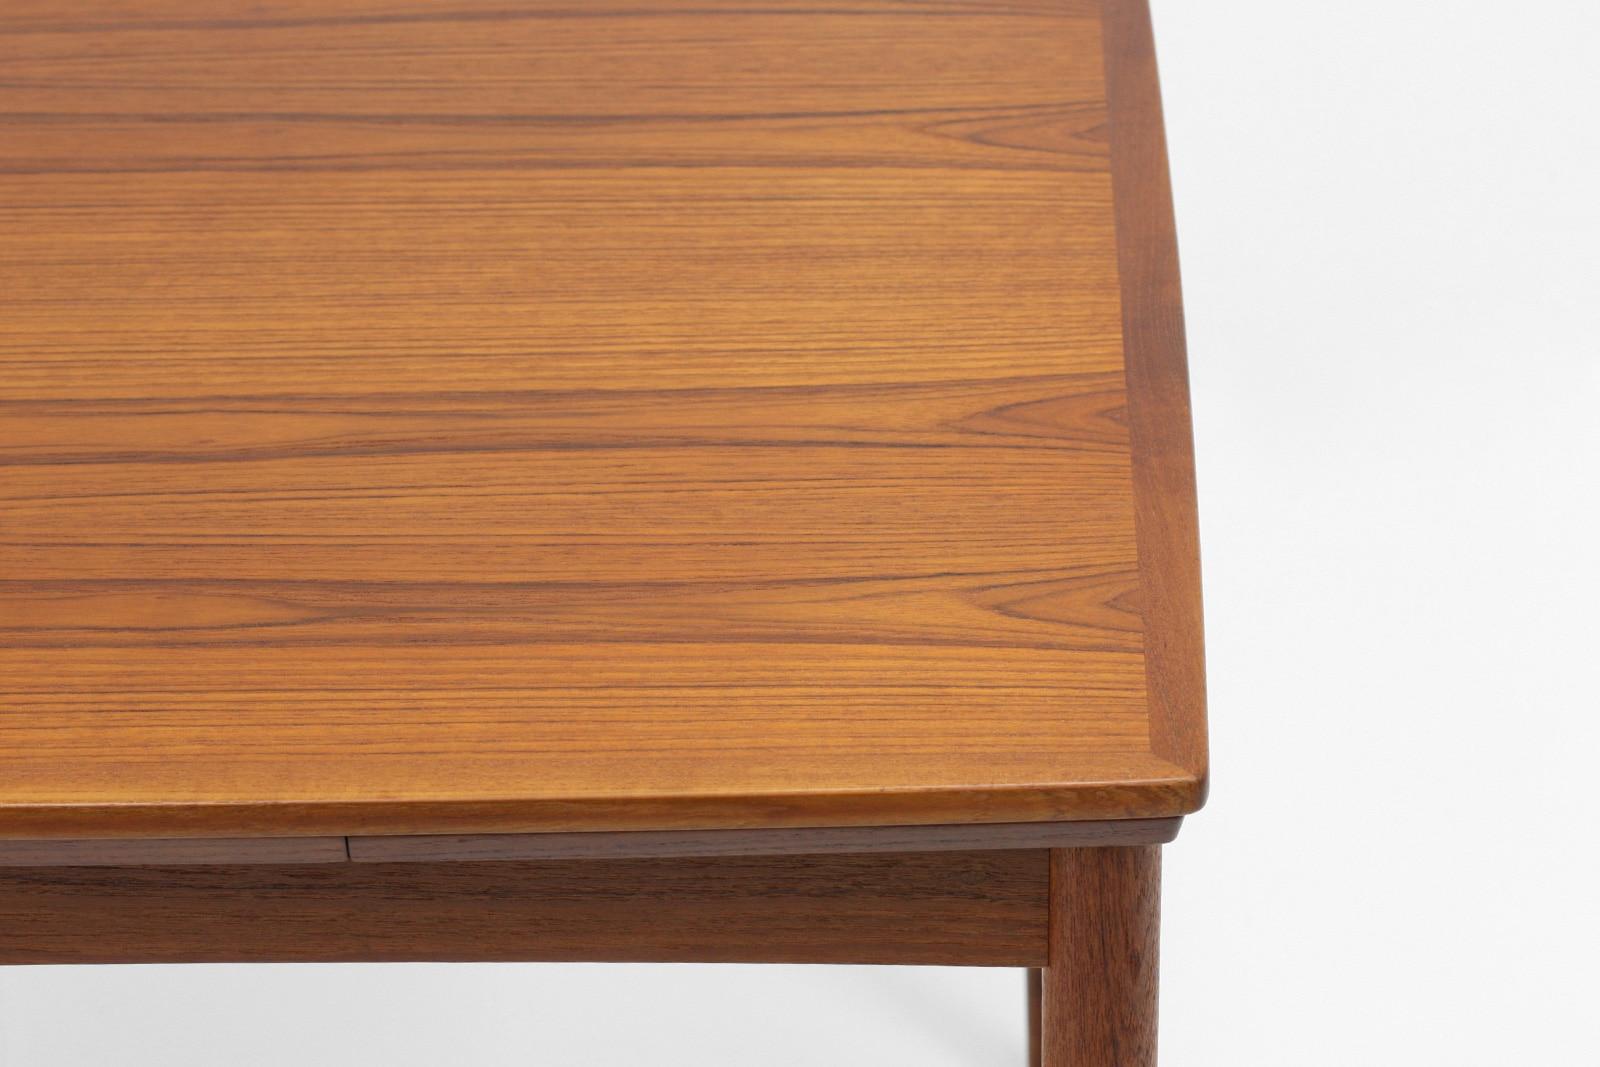 ヴィンテージ,北欧,家具,ダイニングテーブル,2人用,正方形